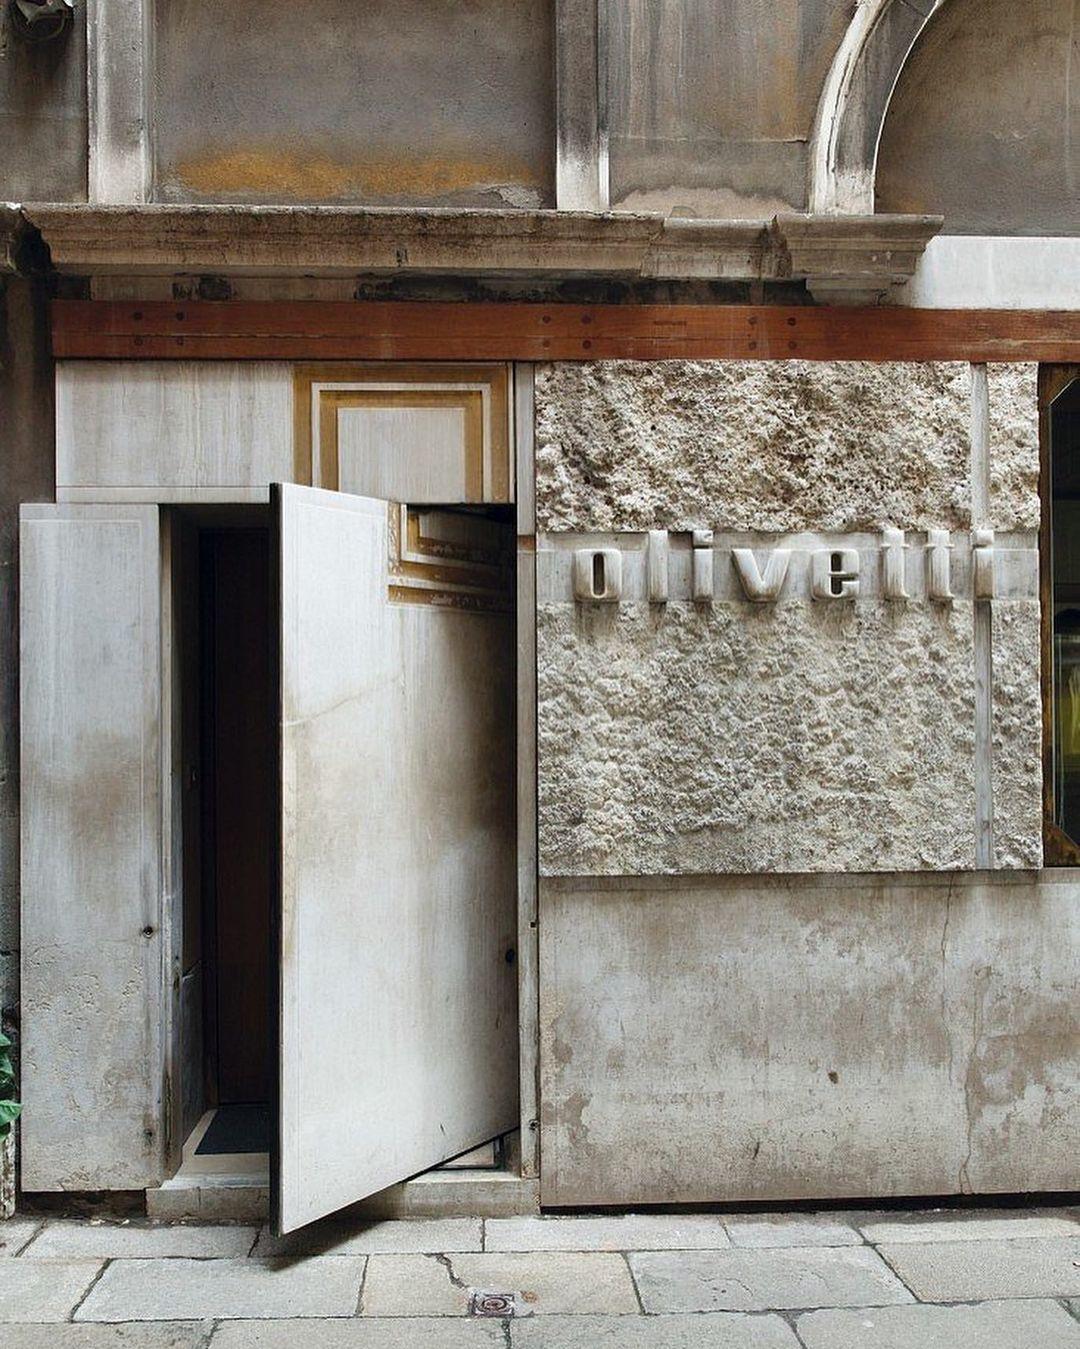 Negozio Olivetti x Carlo Scarpa